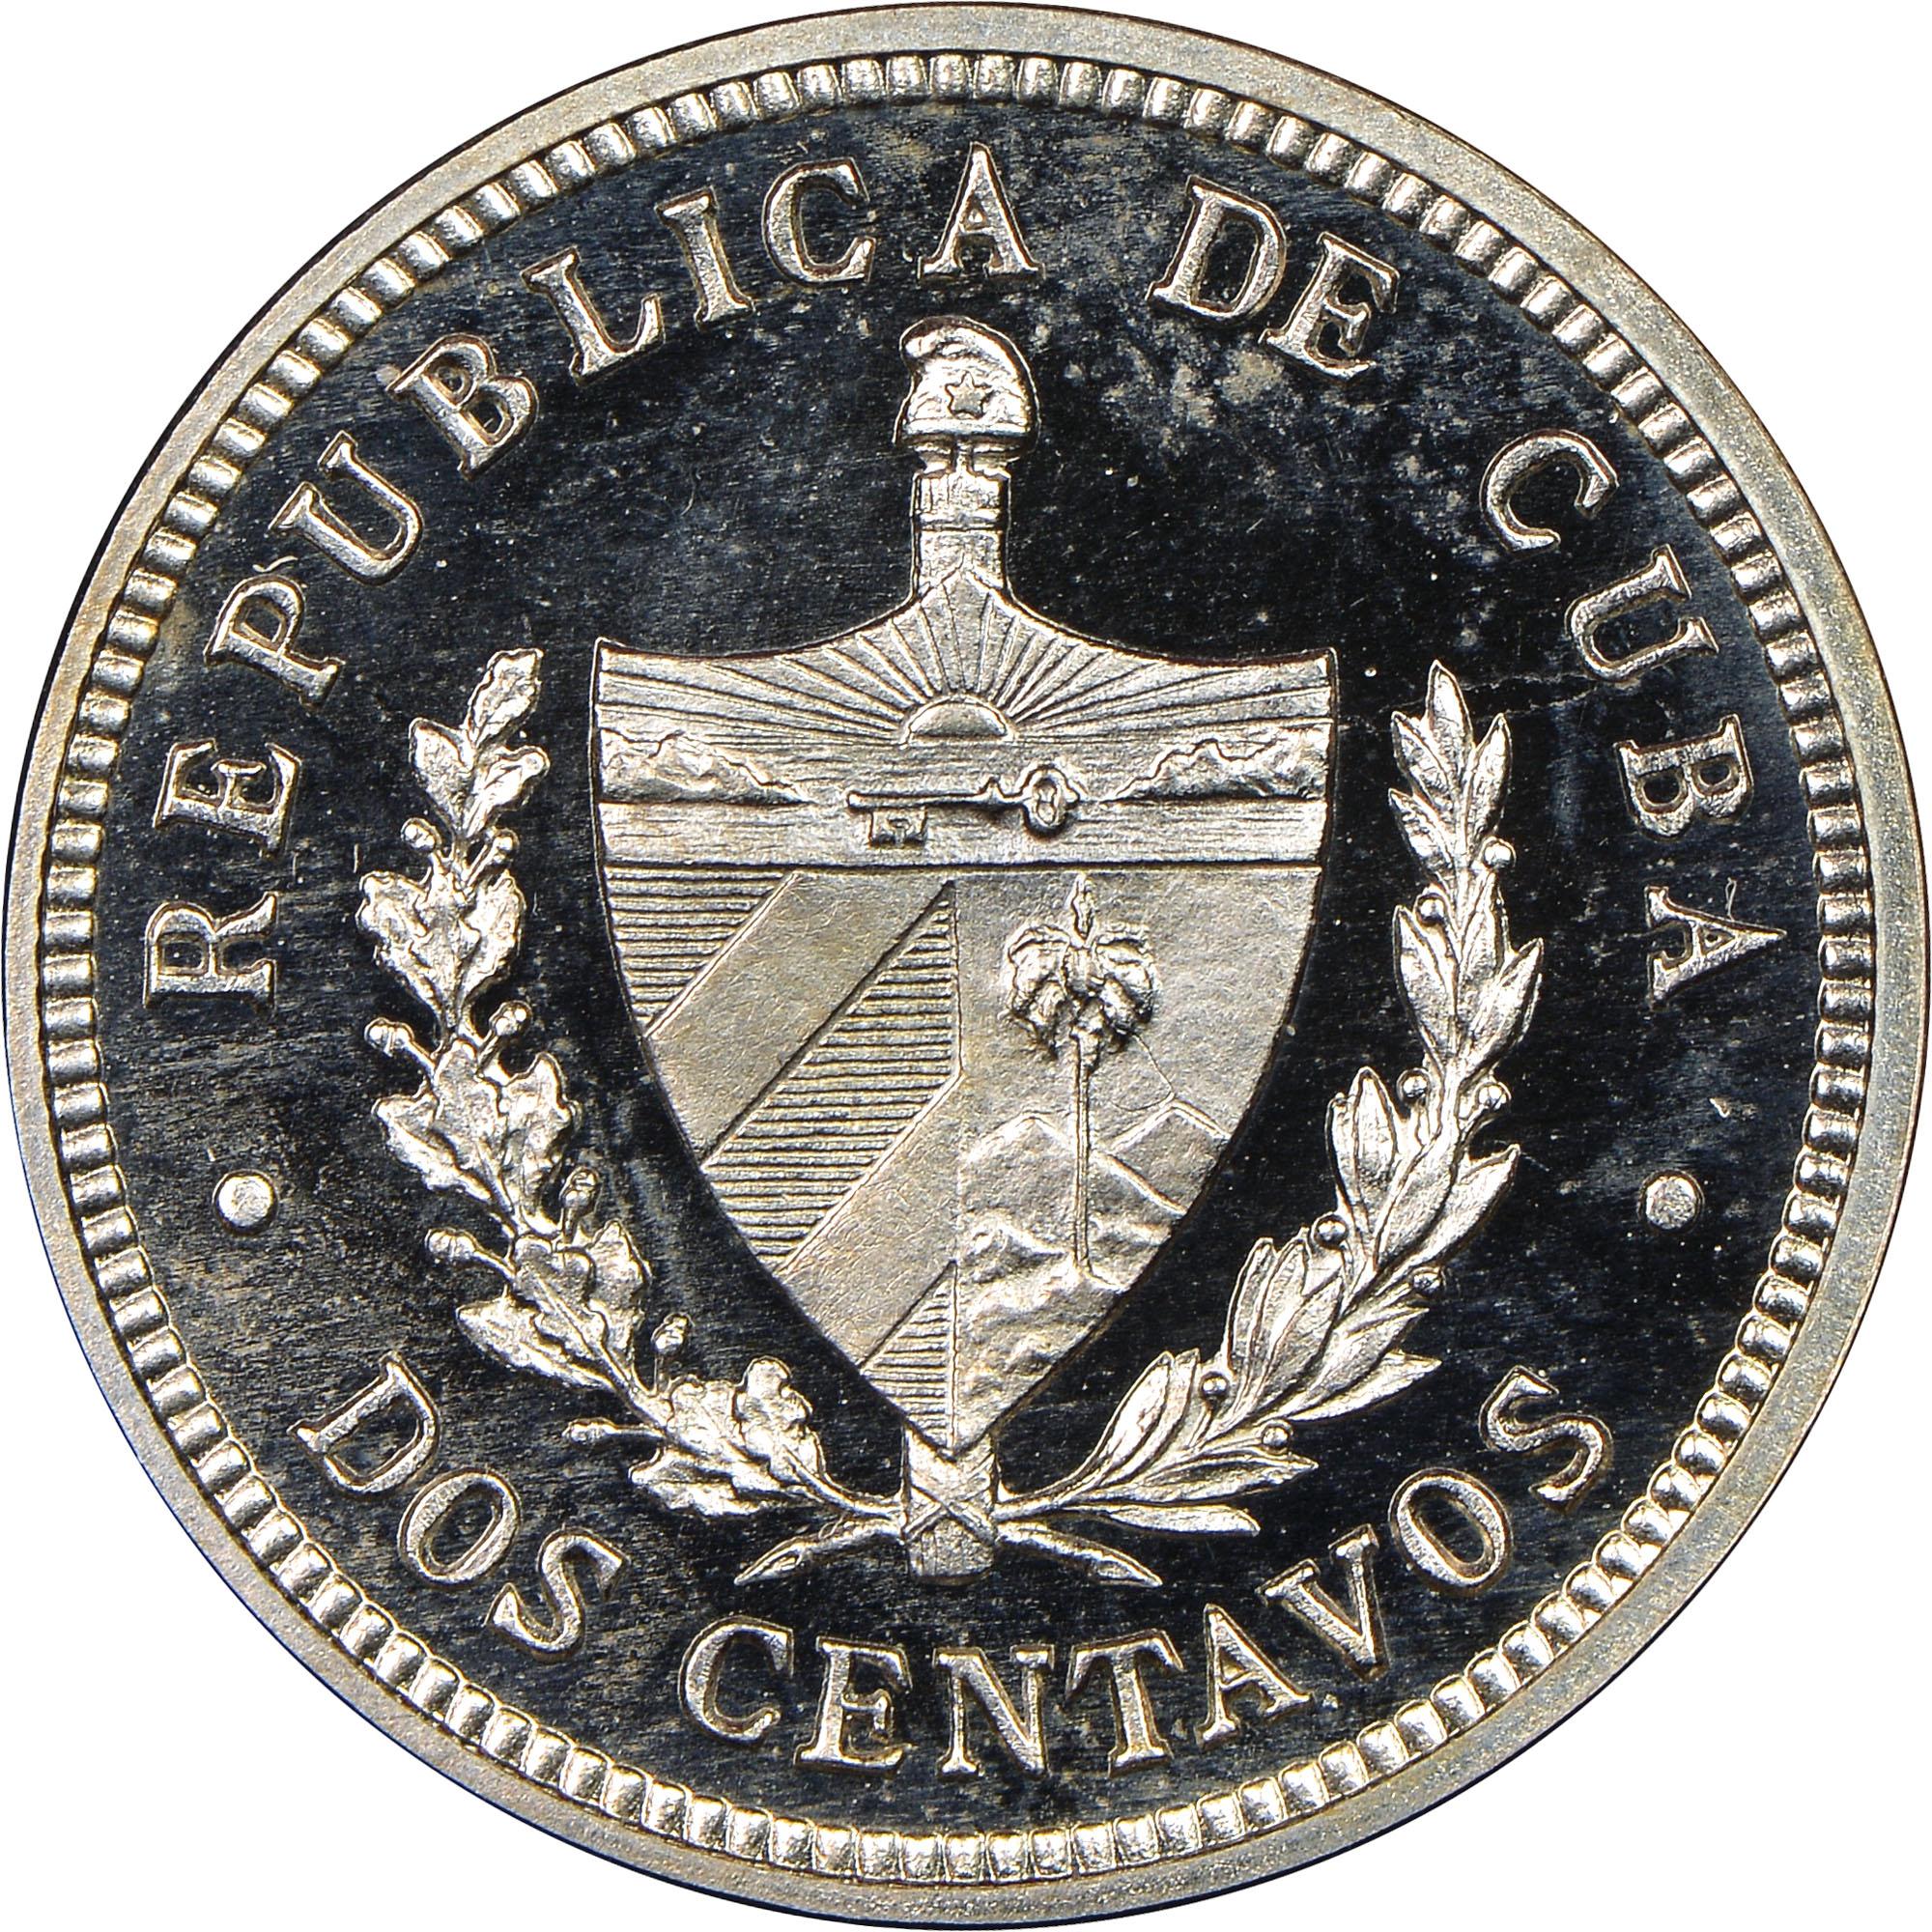 1915-1916 Cuba 2 Centavos obverse